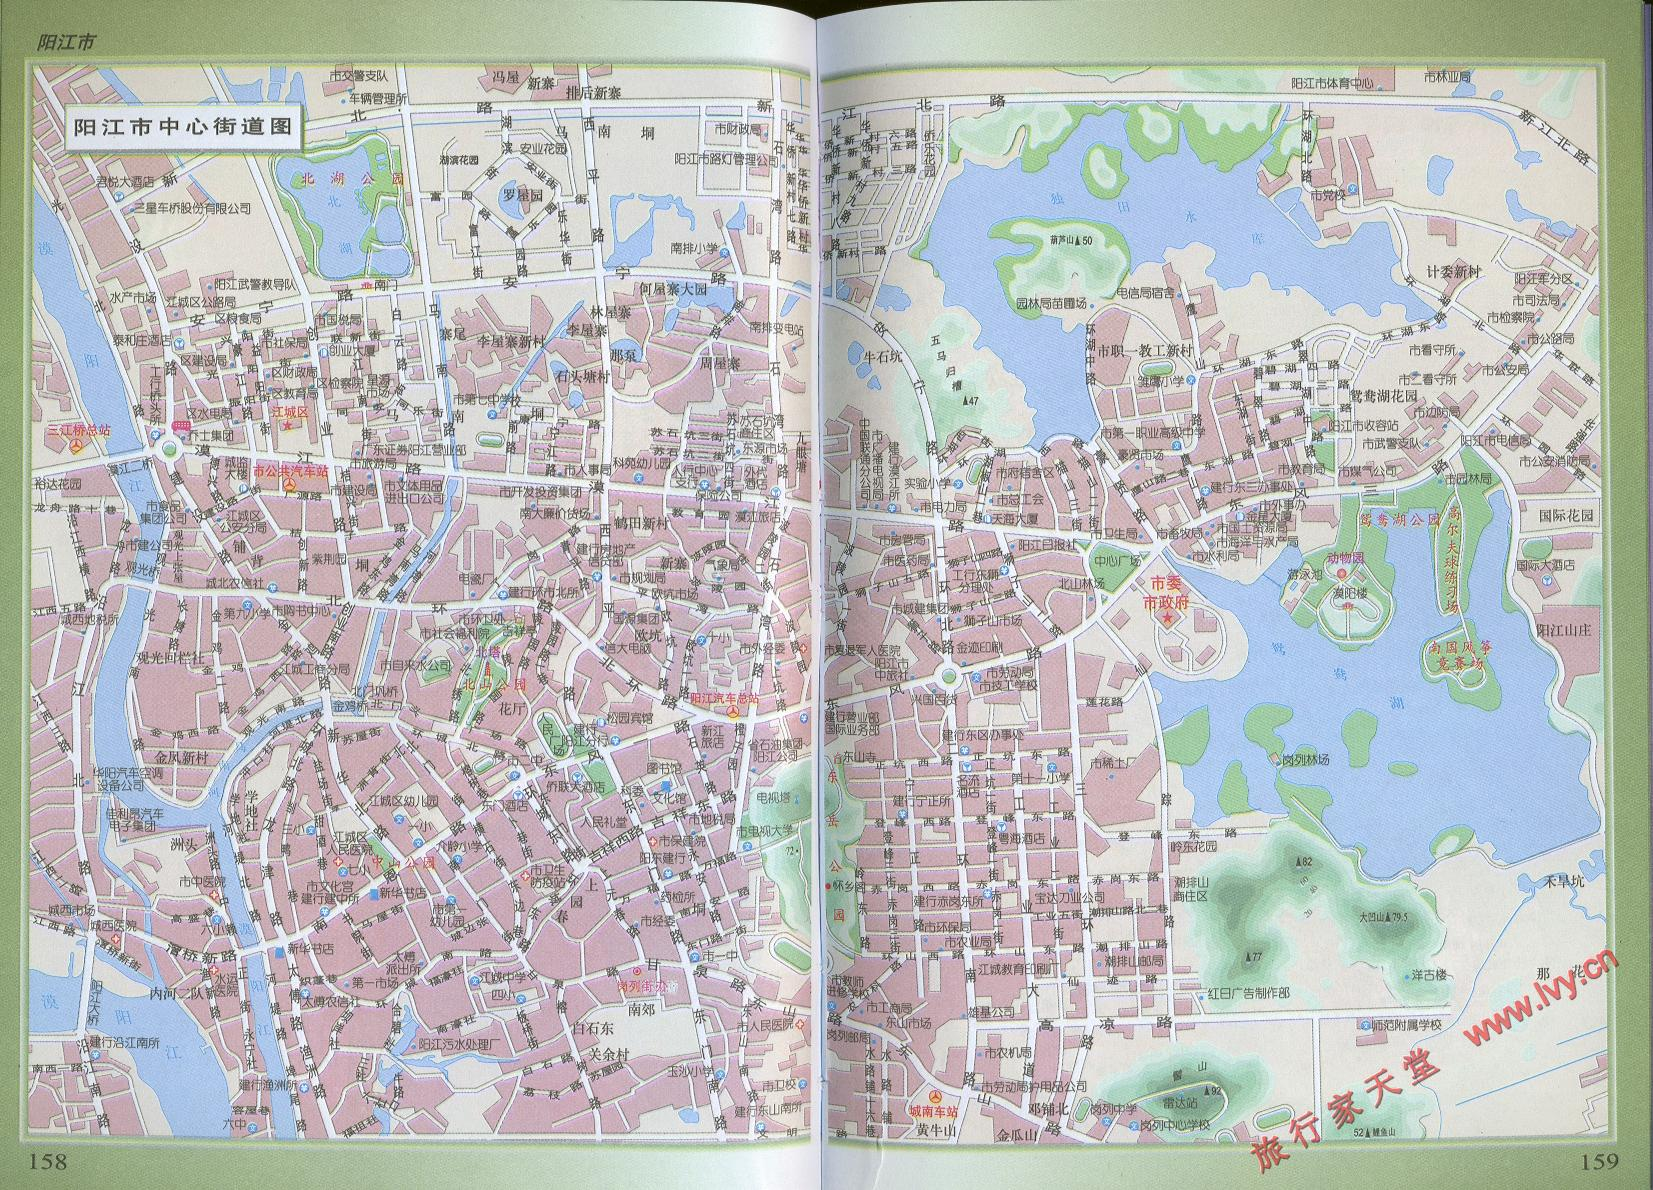 阳江市中心街道地图